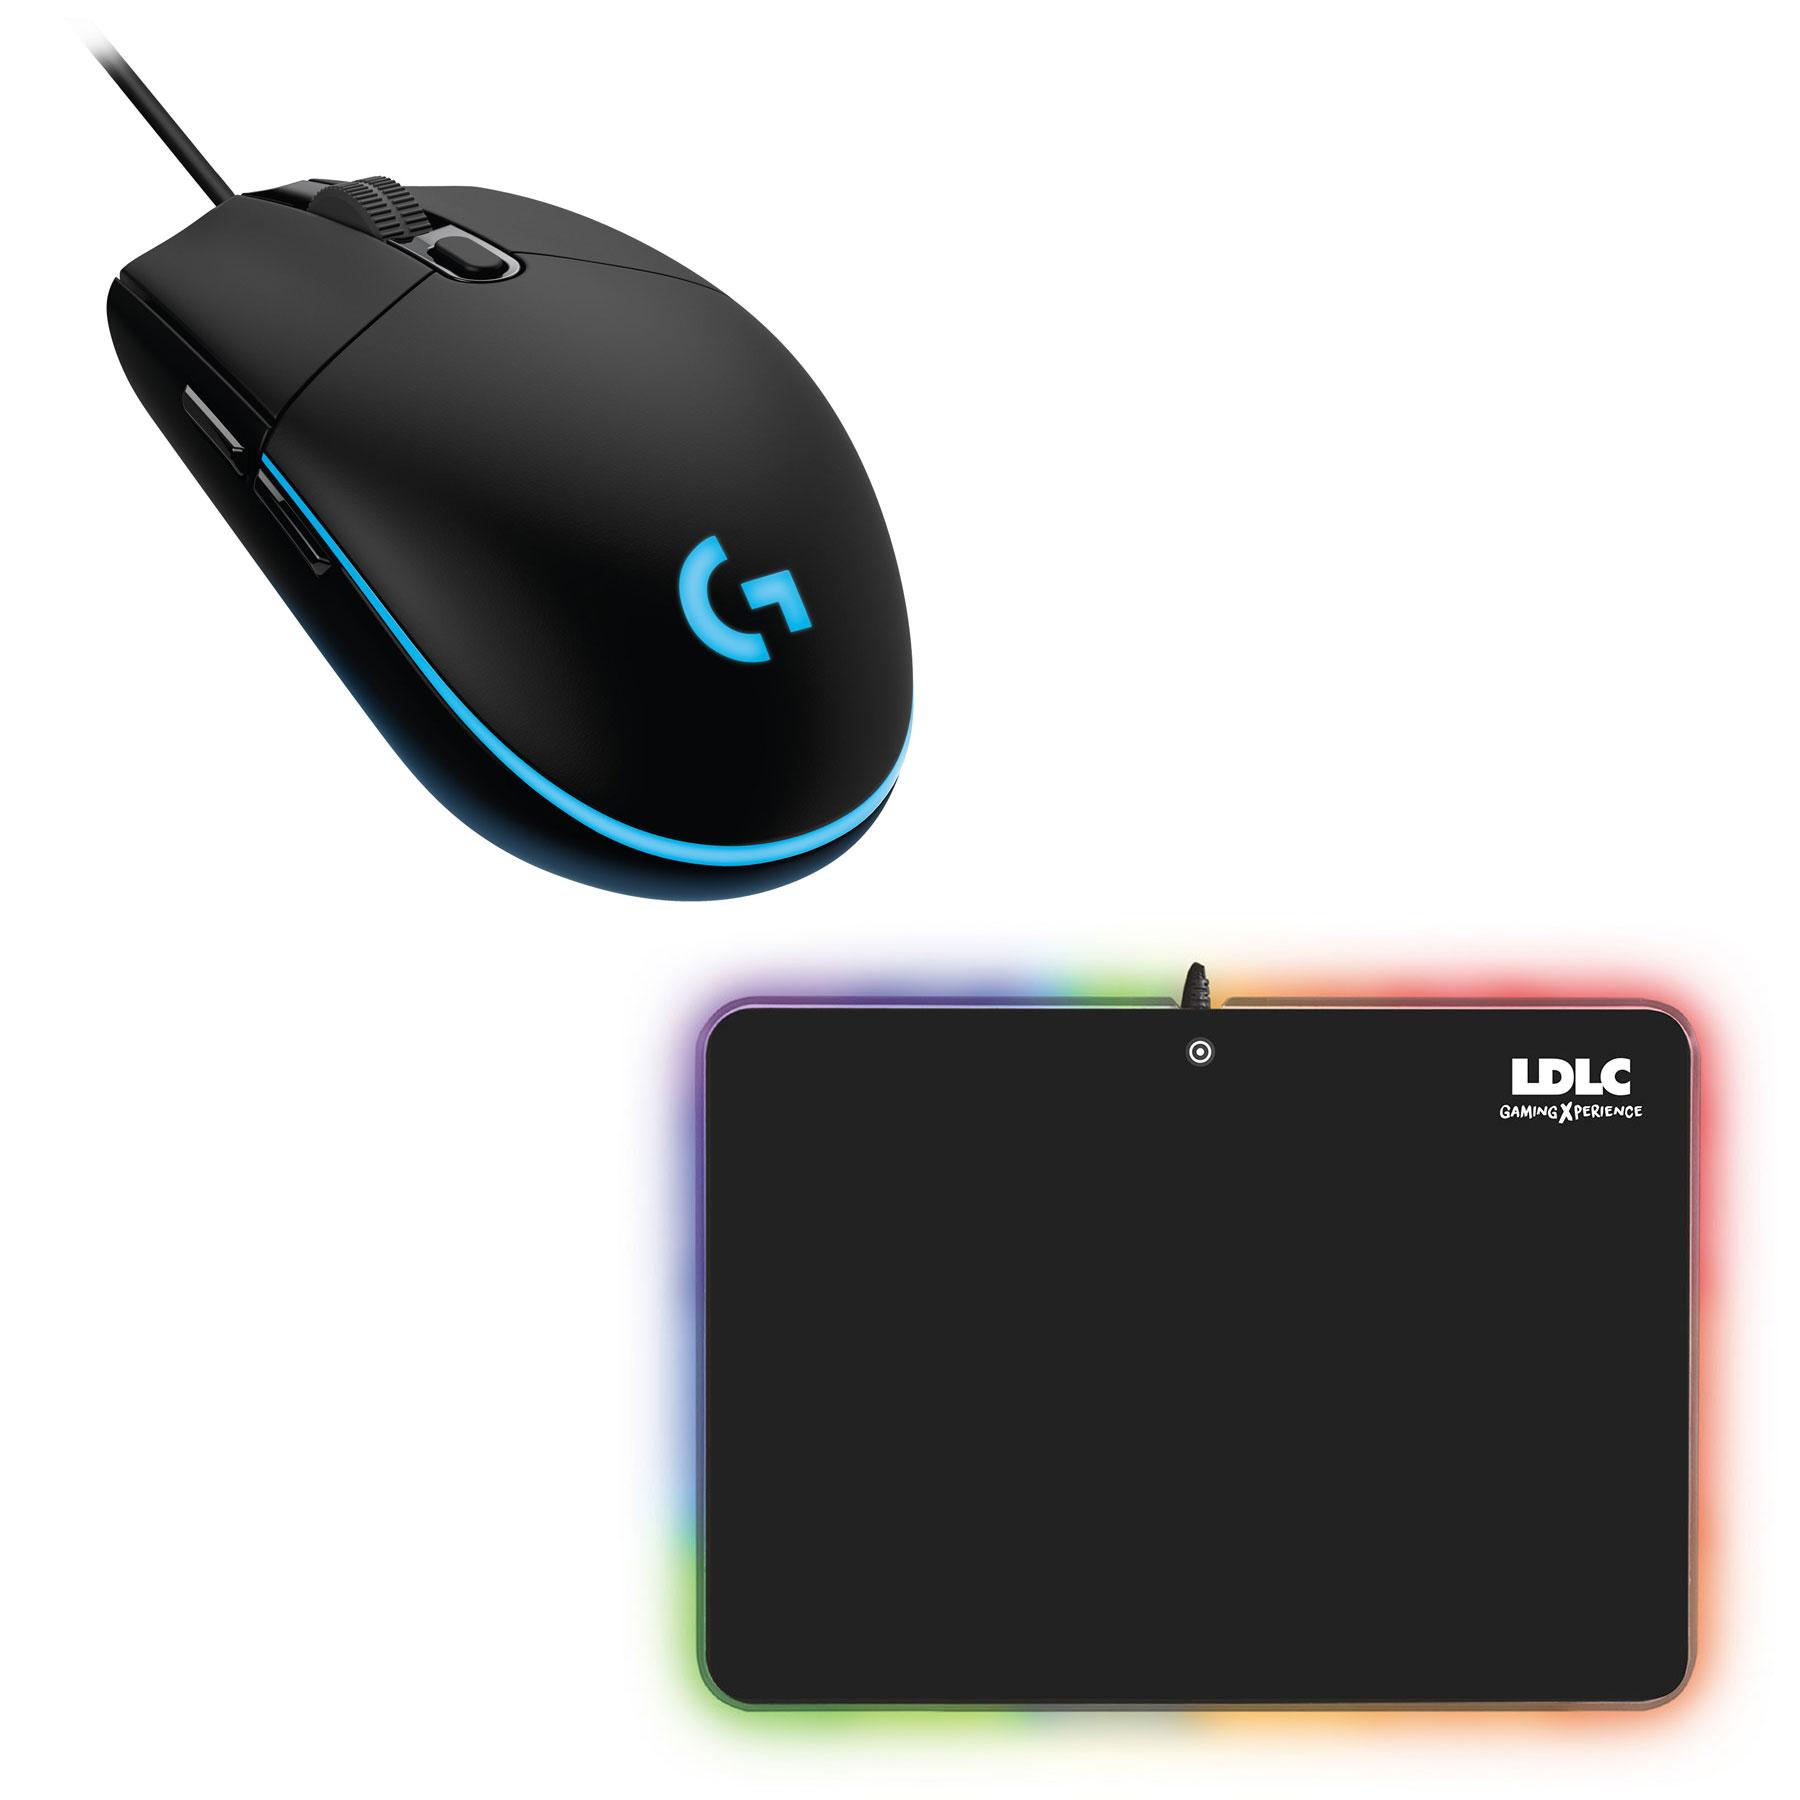 Souris PC Logitech G203 Prodigy Gaming Mouse + LDLC RGB PAD Souris filaire pour gamer - droitier - capteur optique 6000 dpi - 6 boutons programmables - rétro-éclairage RGB + Tapis de souris rigide Gamer LED RGB - Taille M (358 x 256 mm) - USB